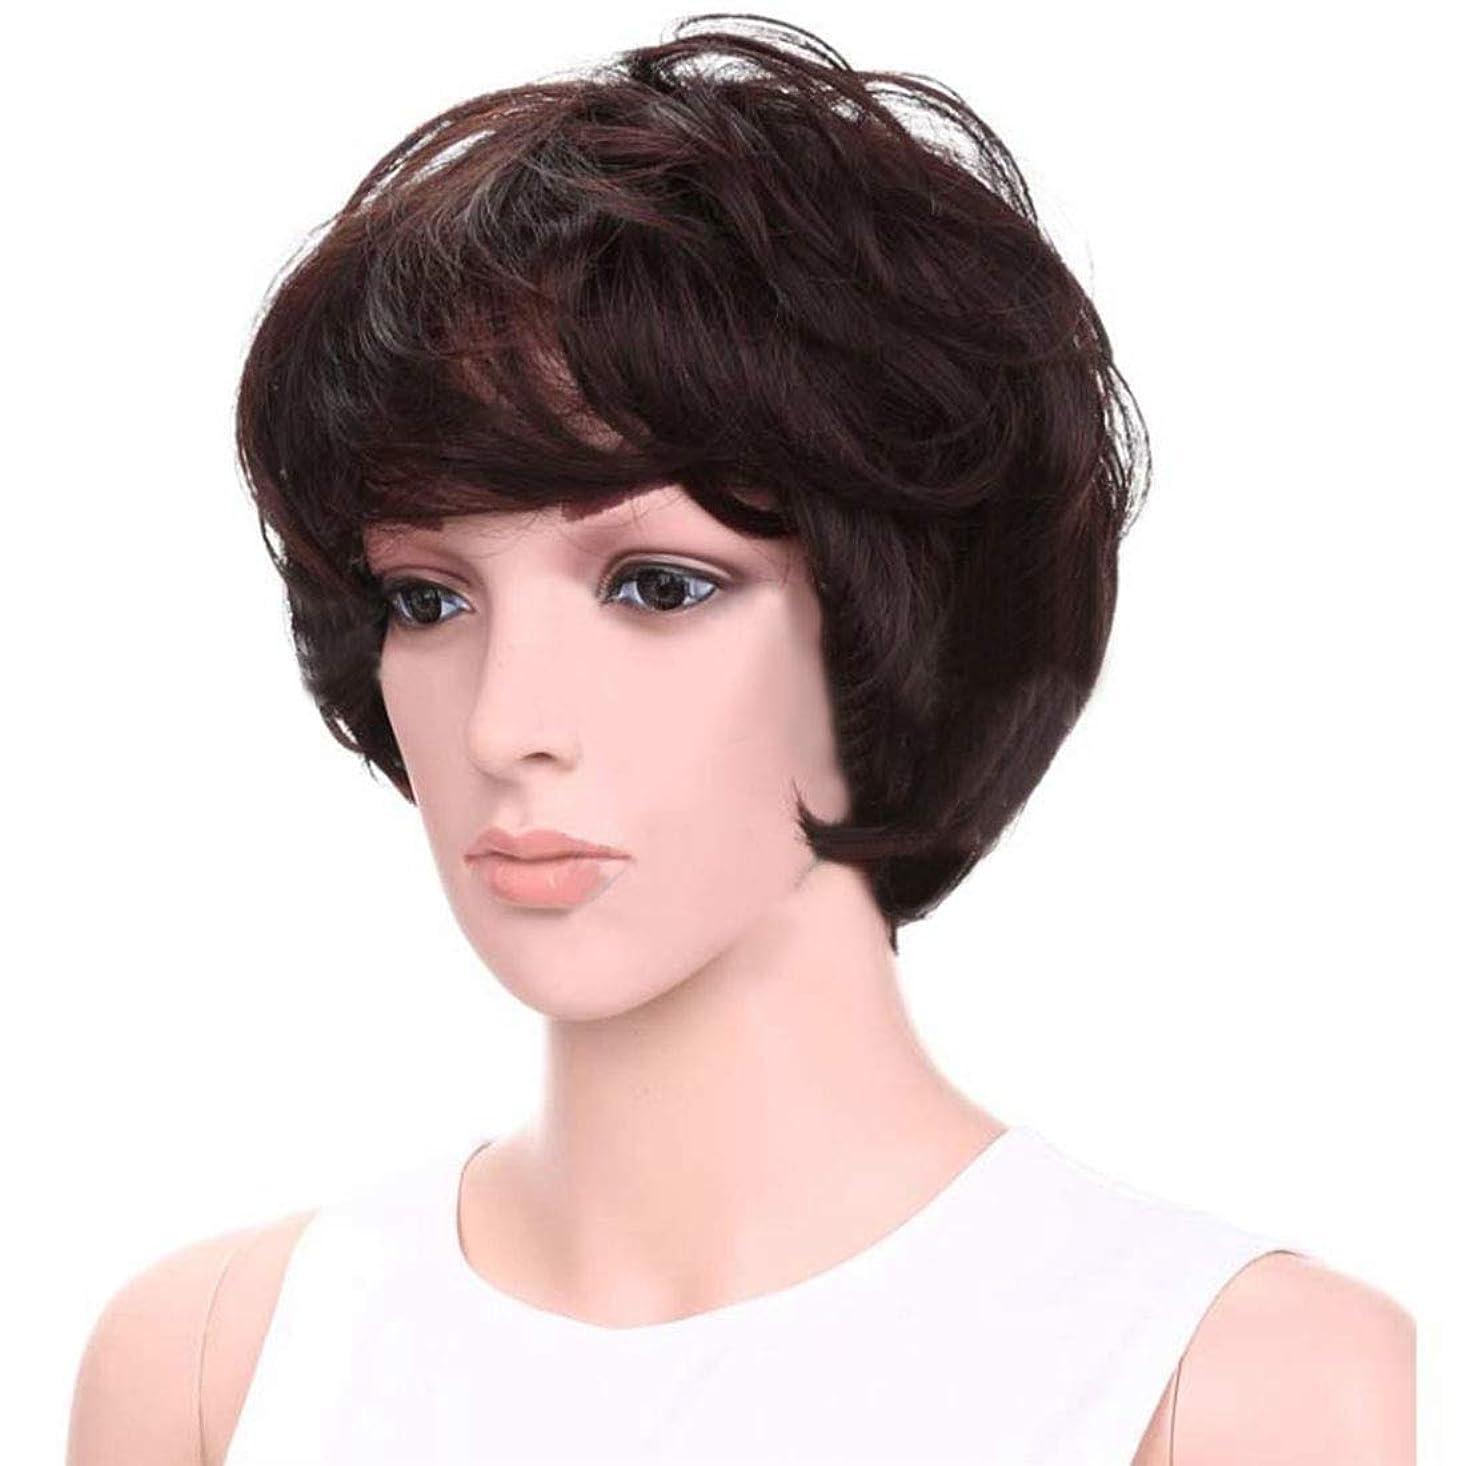 ビジター勝つ回路かつら 人格ウィッグ女性用ショートヘアふわふわウィッグエアフラット前髪髪耐熱ウィッグ8インチ(ダークブラウン)ファッションウィッグ (色 : Dark brown)